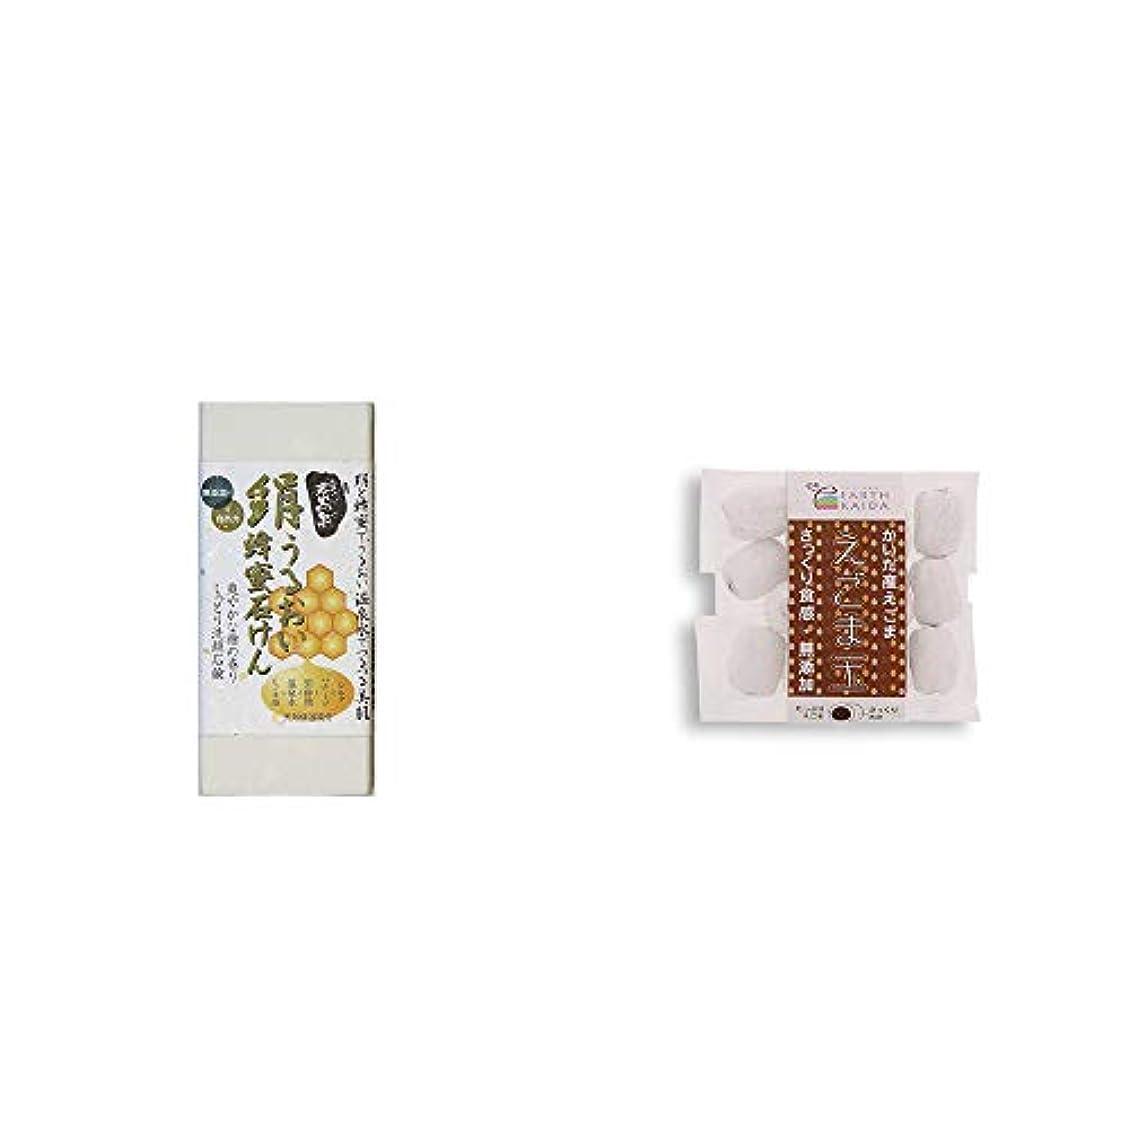 作りますあいまいさ不利[2点セット] ひのき炭黒泉 絹うるおい蜂蜜石けん(75g×2)?開田産えごま使用 えごま玉(100g)